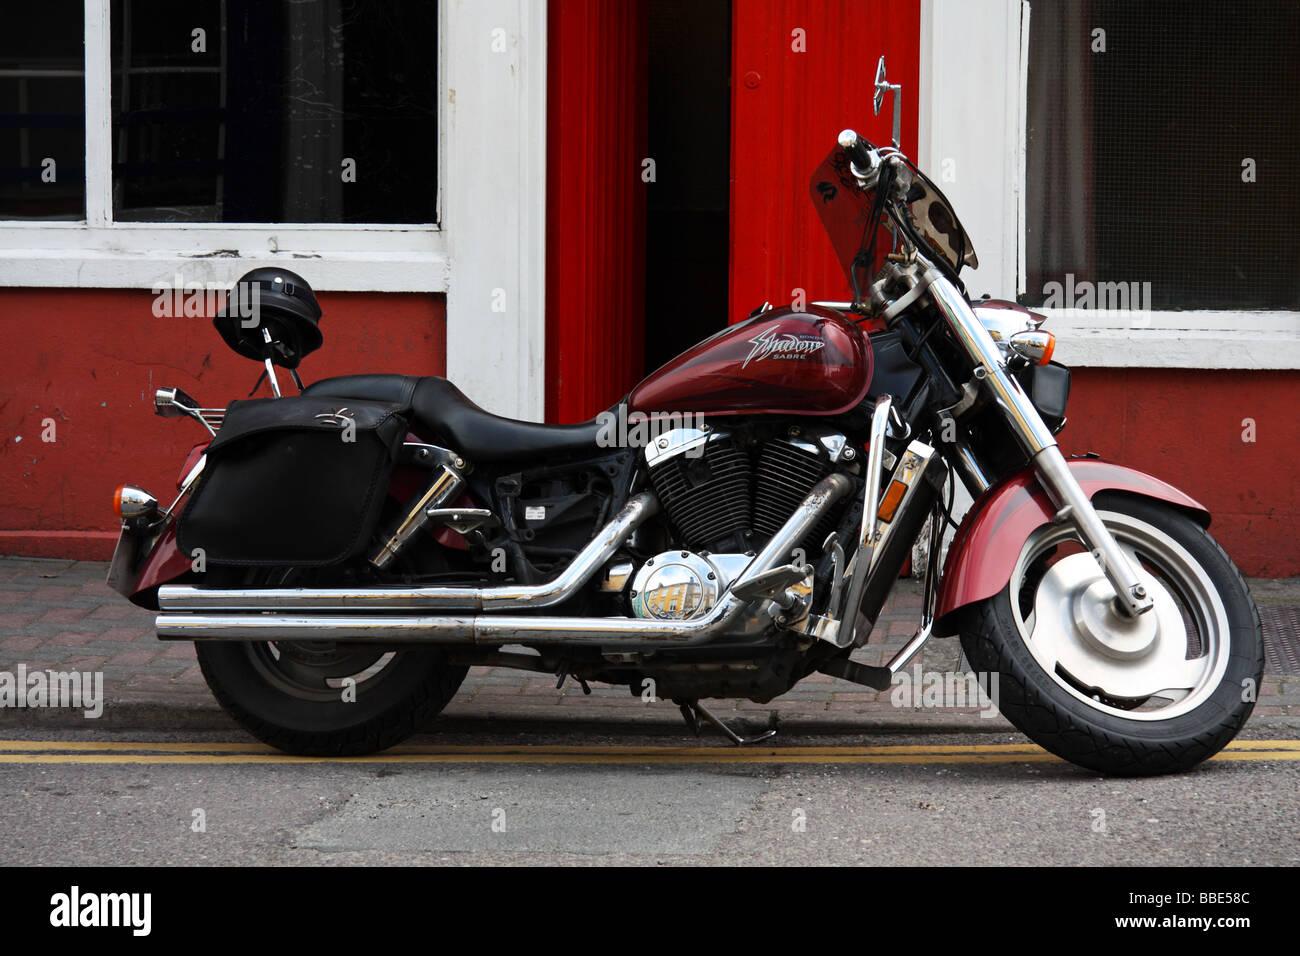 Honda Shadow Sabre Motorcycle parked outside Bridewell bar Bandon Cork Ireland Stock Photo